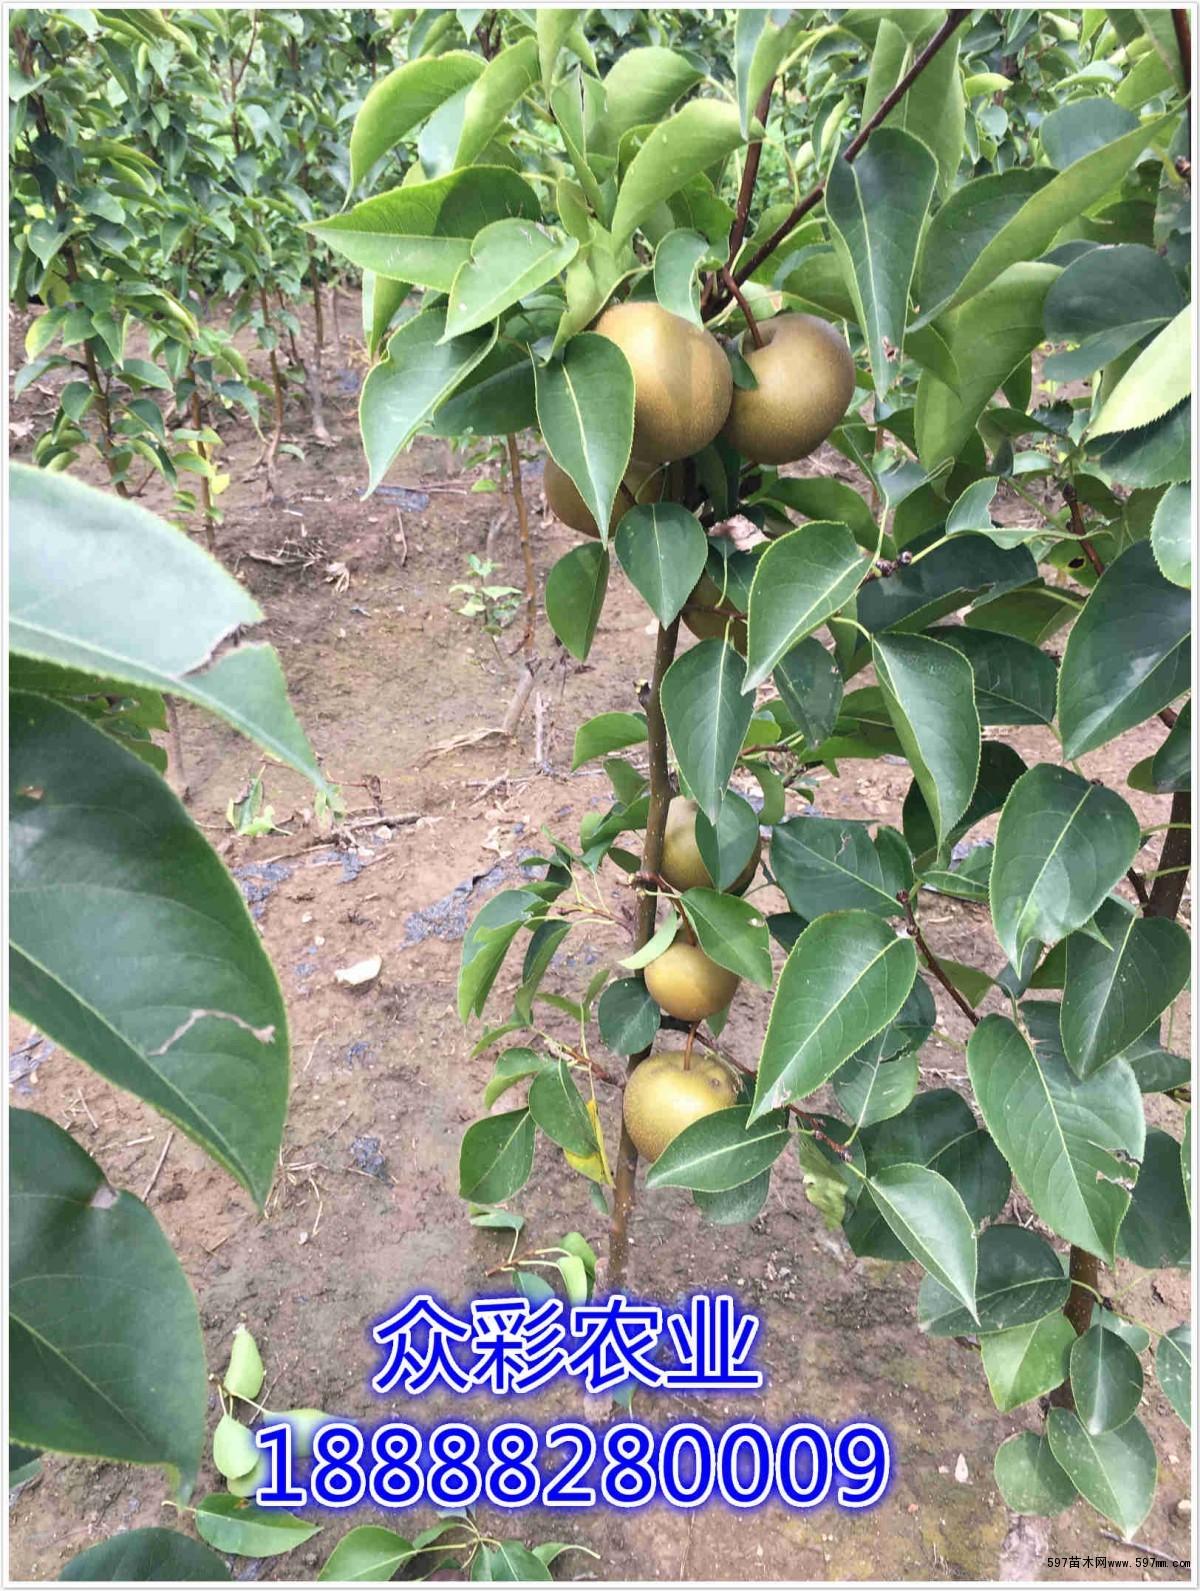 批发供应梨树苗的基地 泰安众彩农业图片1